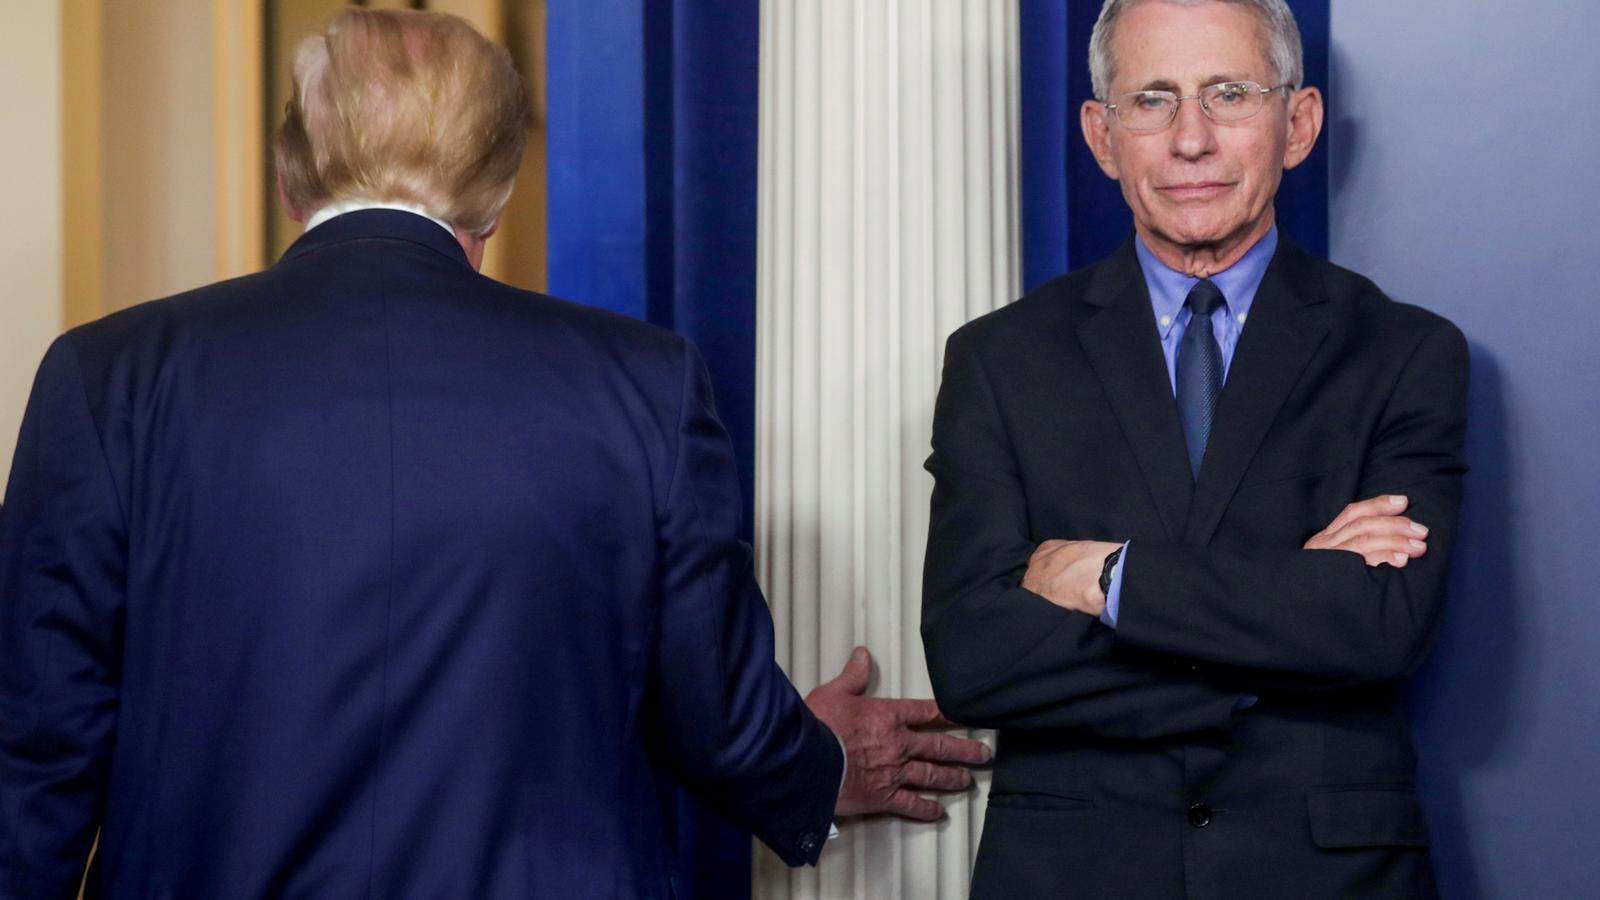 Trump sortint de la sala de premsa  passa per davant d'Anthony Fauci, cap del comitè de crisi pel coronavirus